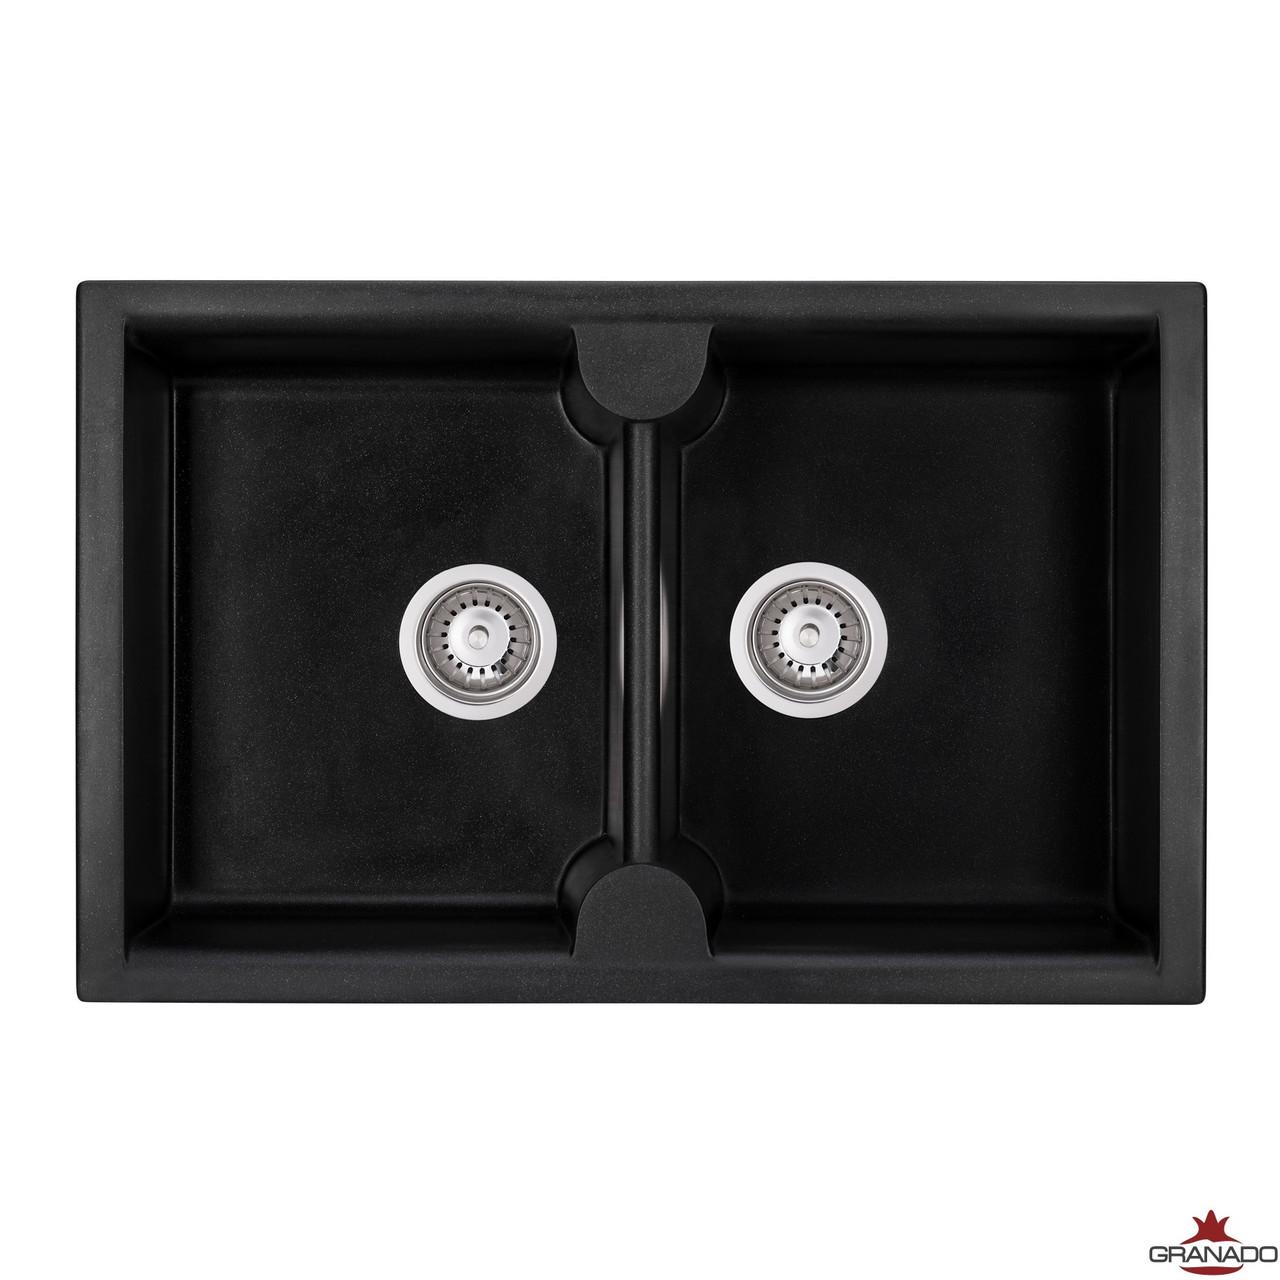 Мойка из гранита Cordoba Black Shine с двумя глубокими чашами прямоугольной формы от производителя Granado